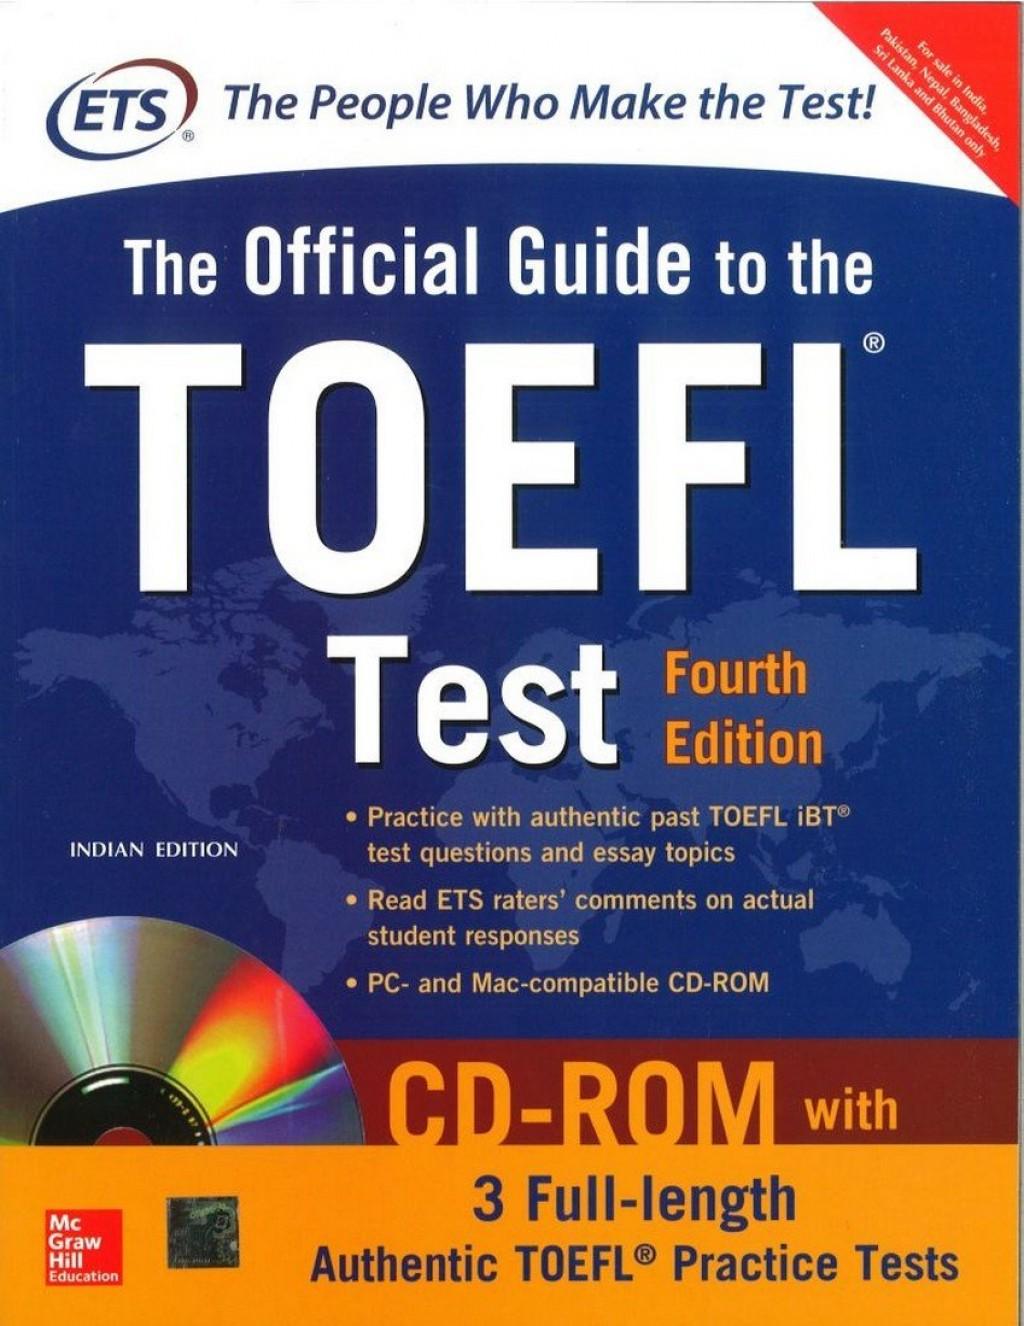 014 Toefl Ibt Essay Topics 71ecb6xtz3l Striking 2015 Large